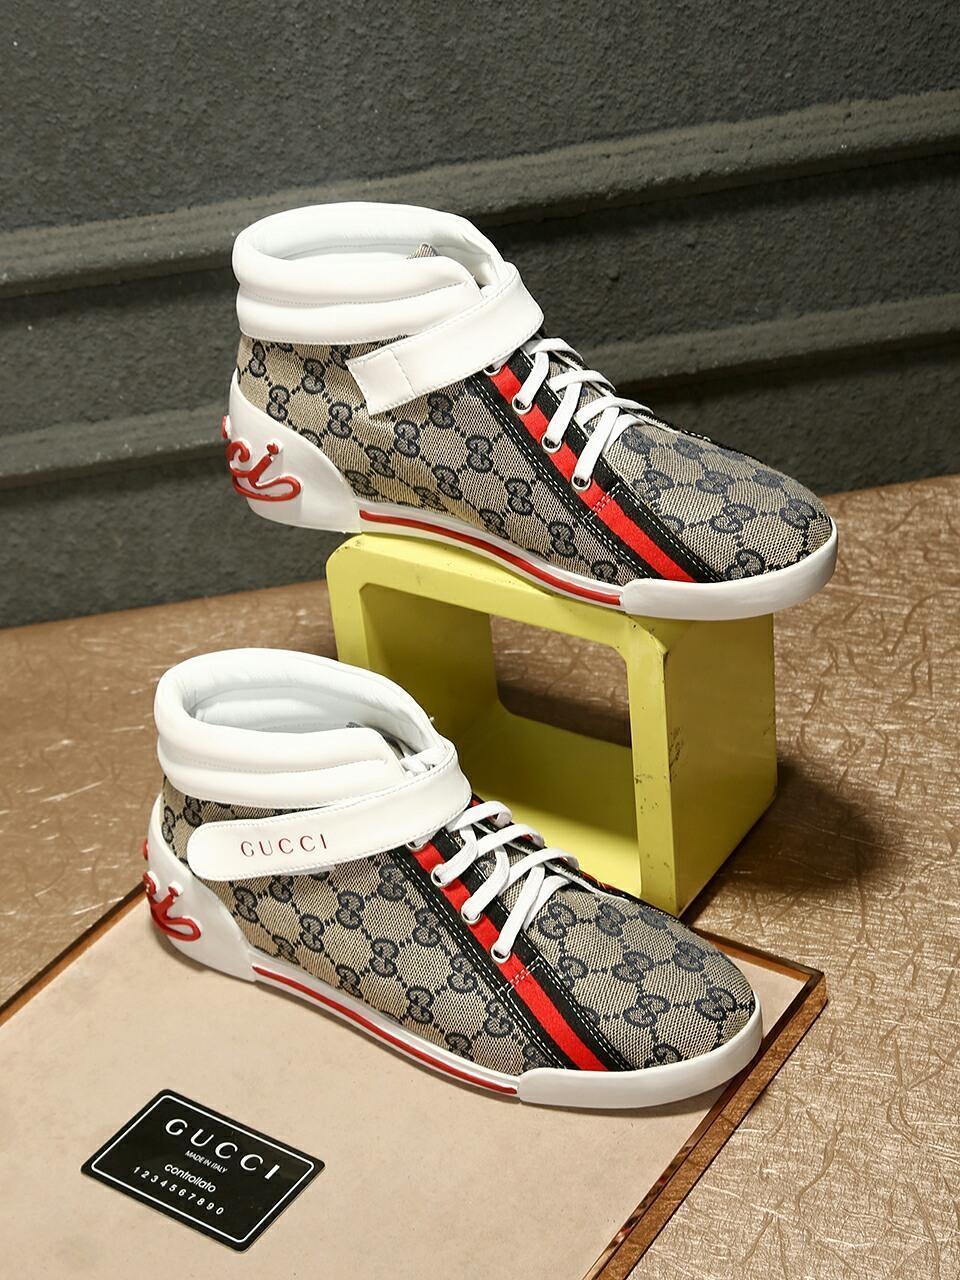 New13 lusso cuscino d'aria scarpe di moda casual scarpe di sport degli uomini delle alte comode scarpe da uomo di viaggio la scatola originale imballaggio Zapato